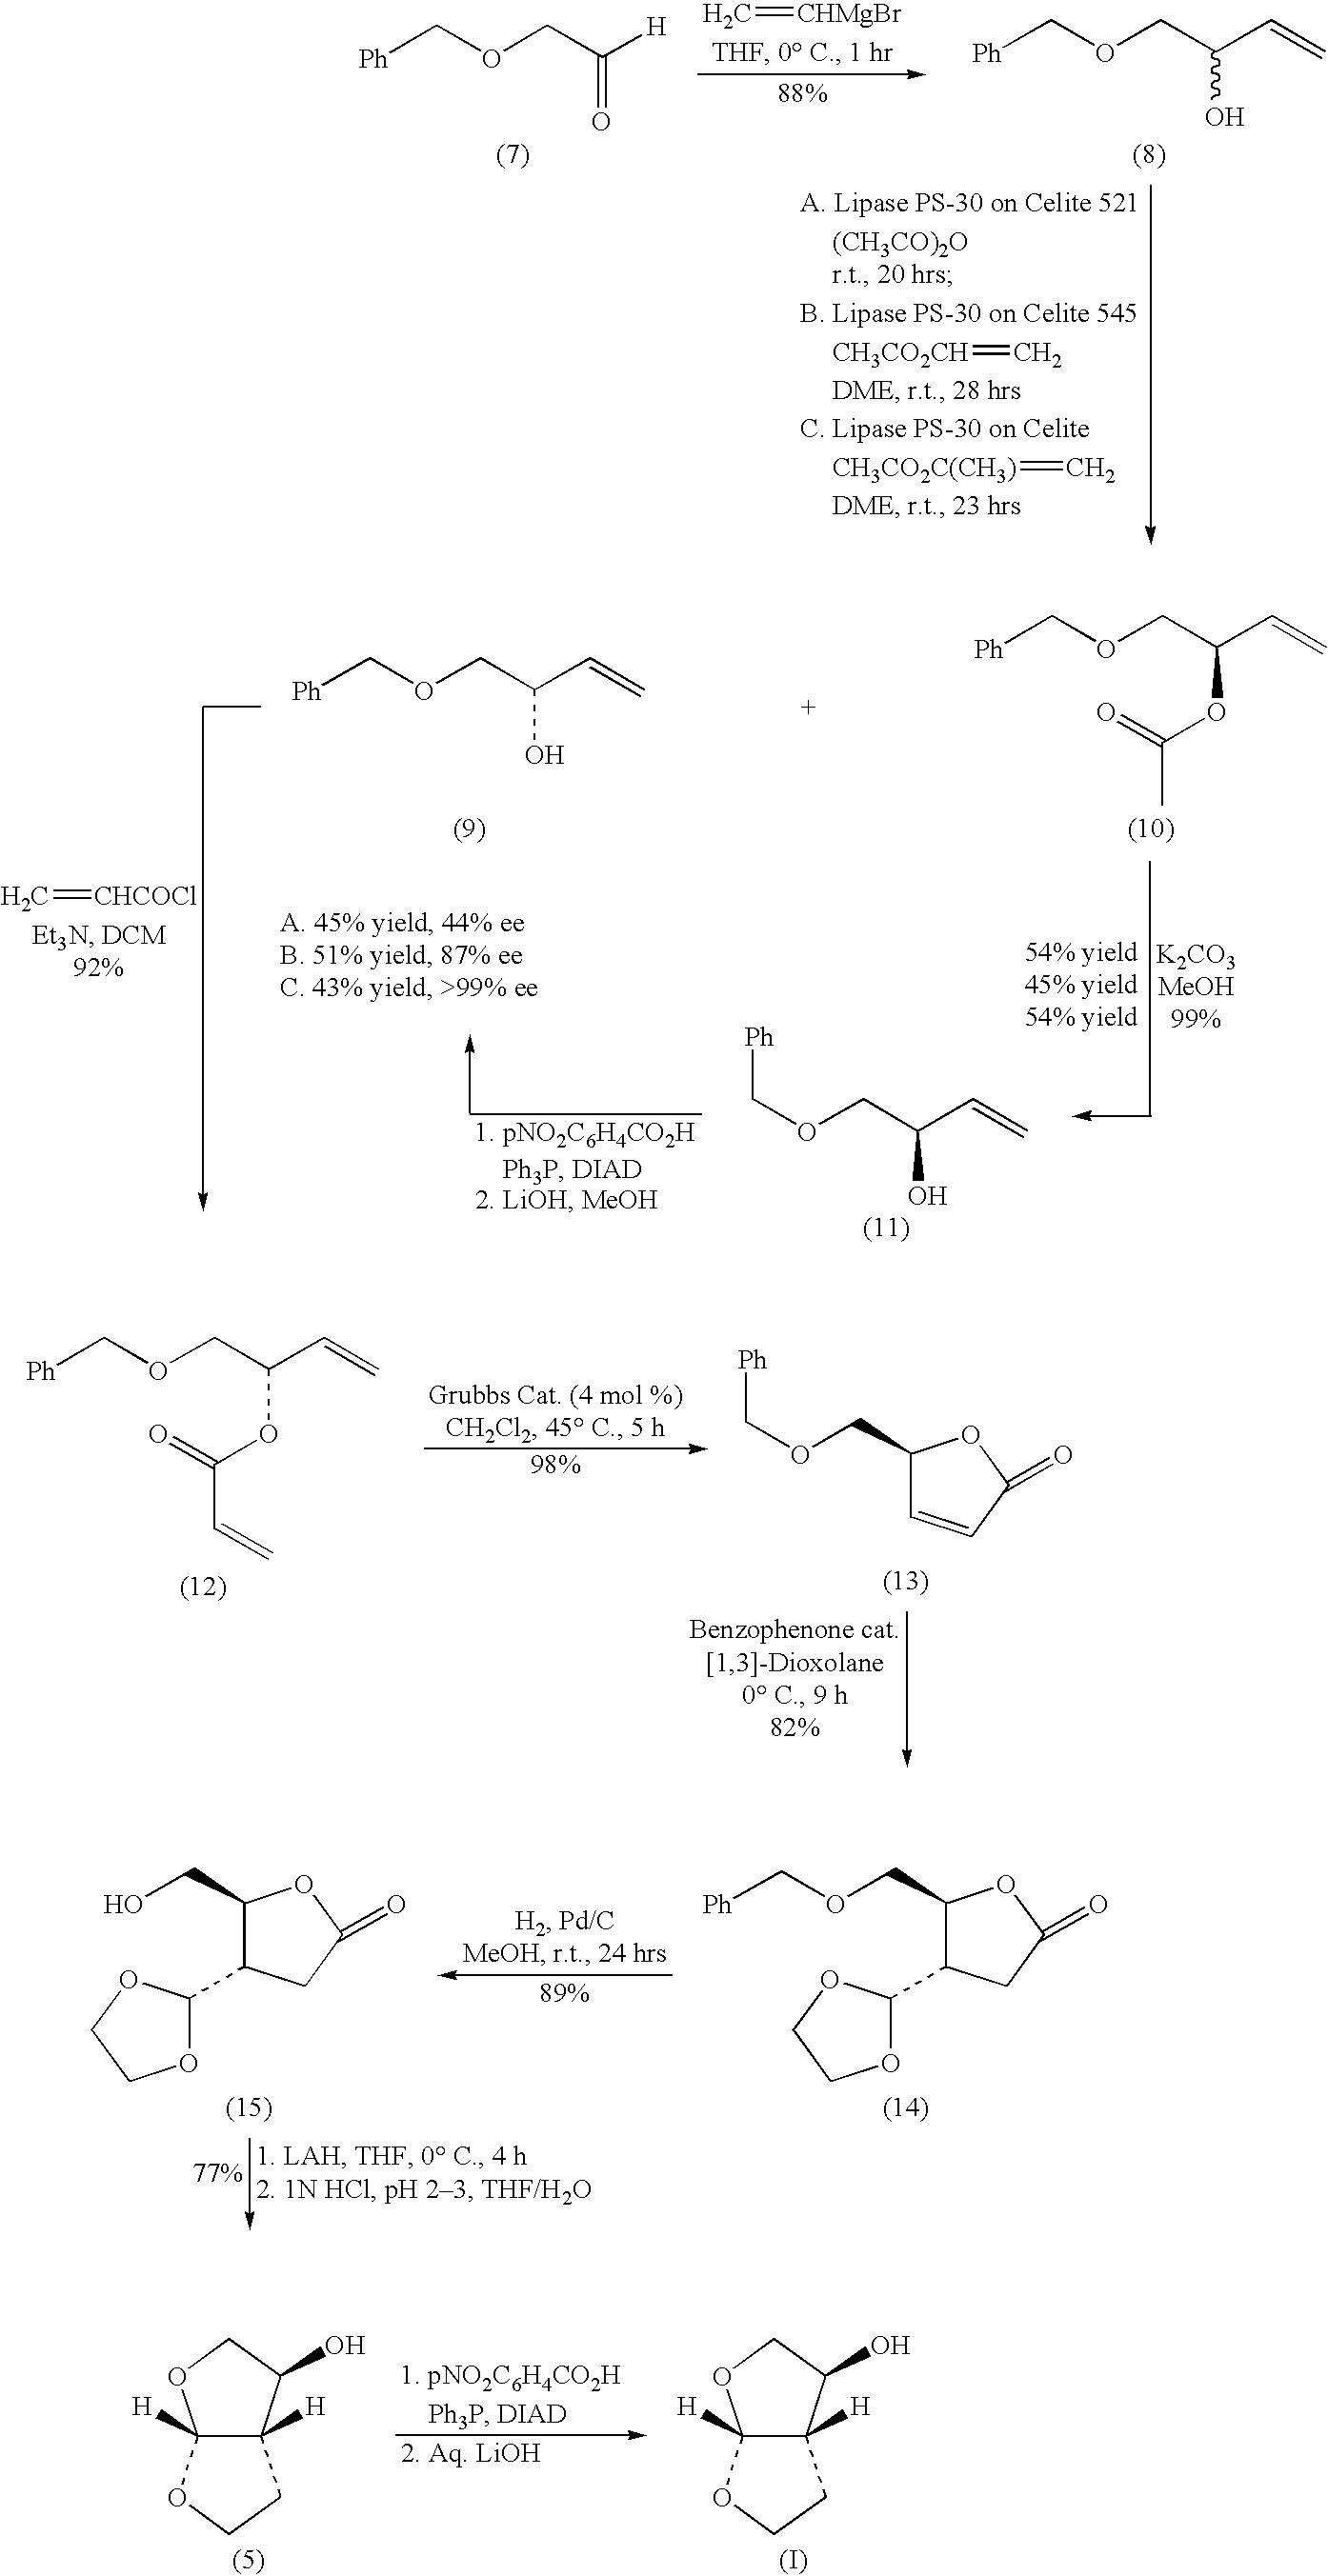 Benzophenone reduction using sodium borohydride